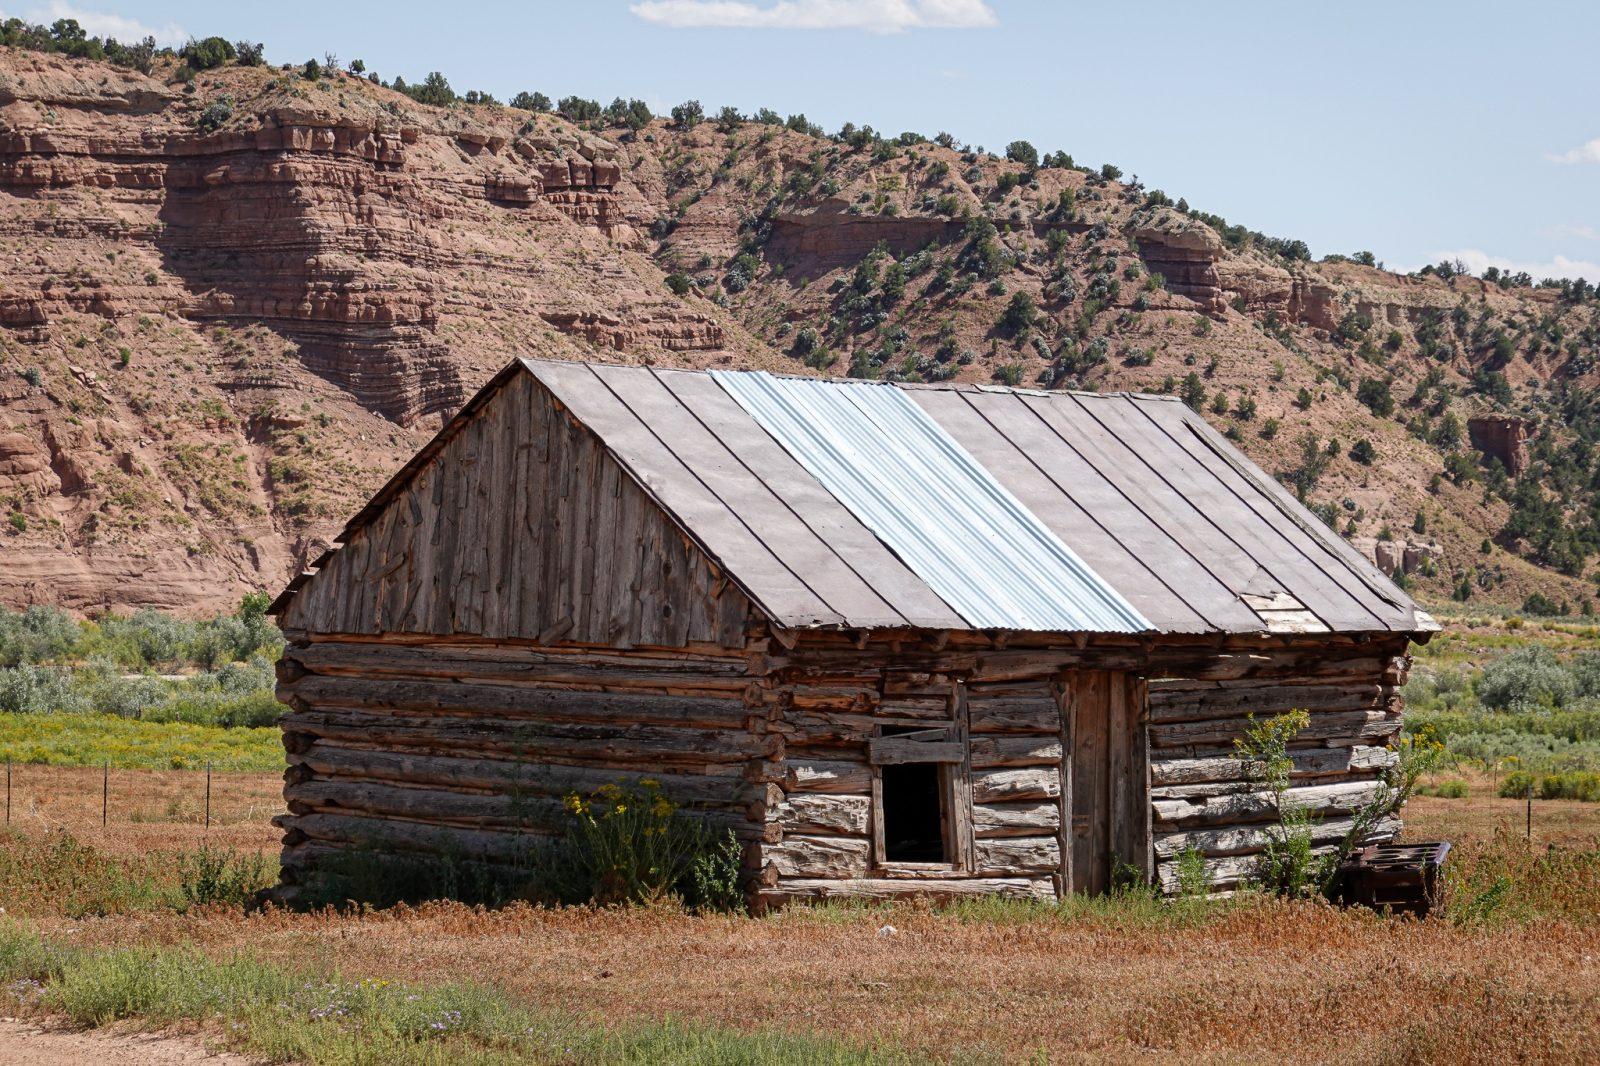 laftet hytte i USA